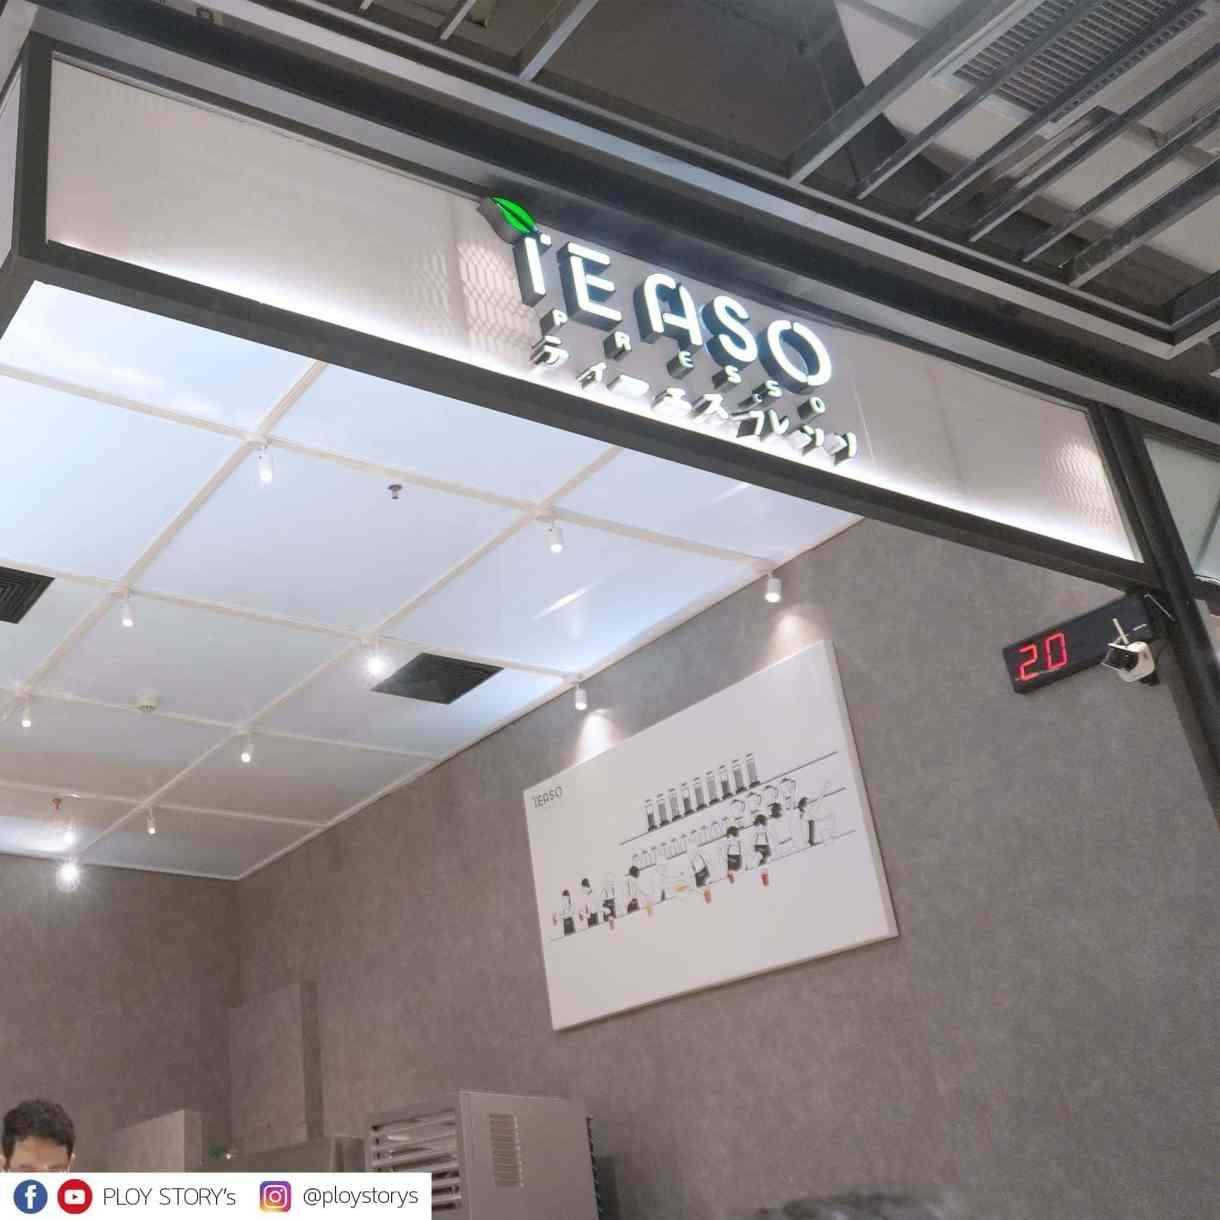 - 05 - รีวิวร้านชา TEASO สวรรค์ของคนรักชา ต้นตำรับจากฮ่องกง คนลดน้ำหนักกินได้แบบไม่รู้สึกผิด